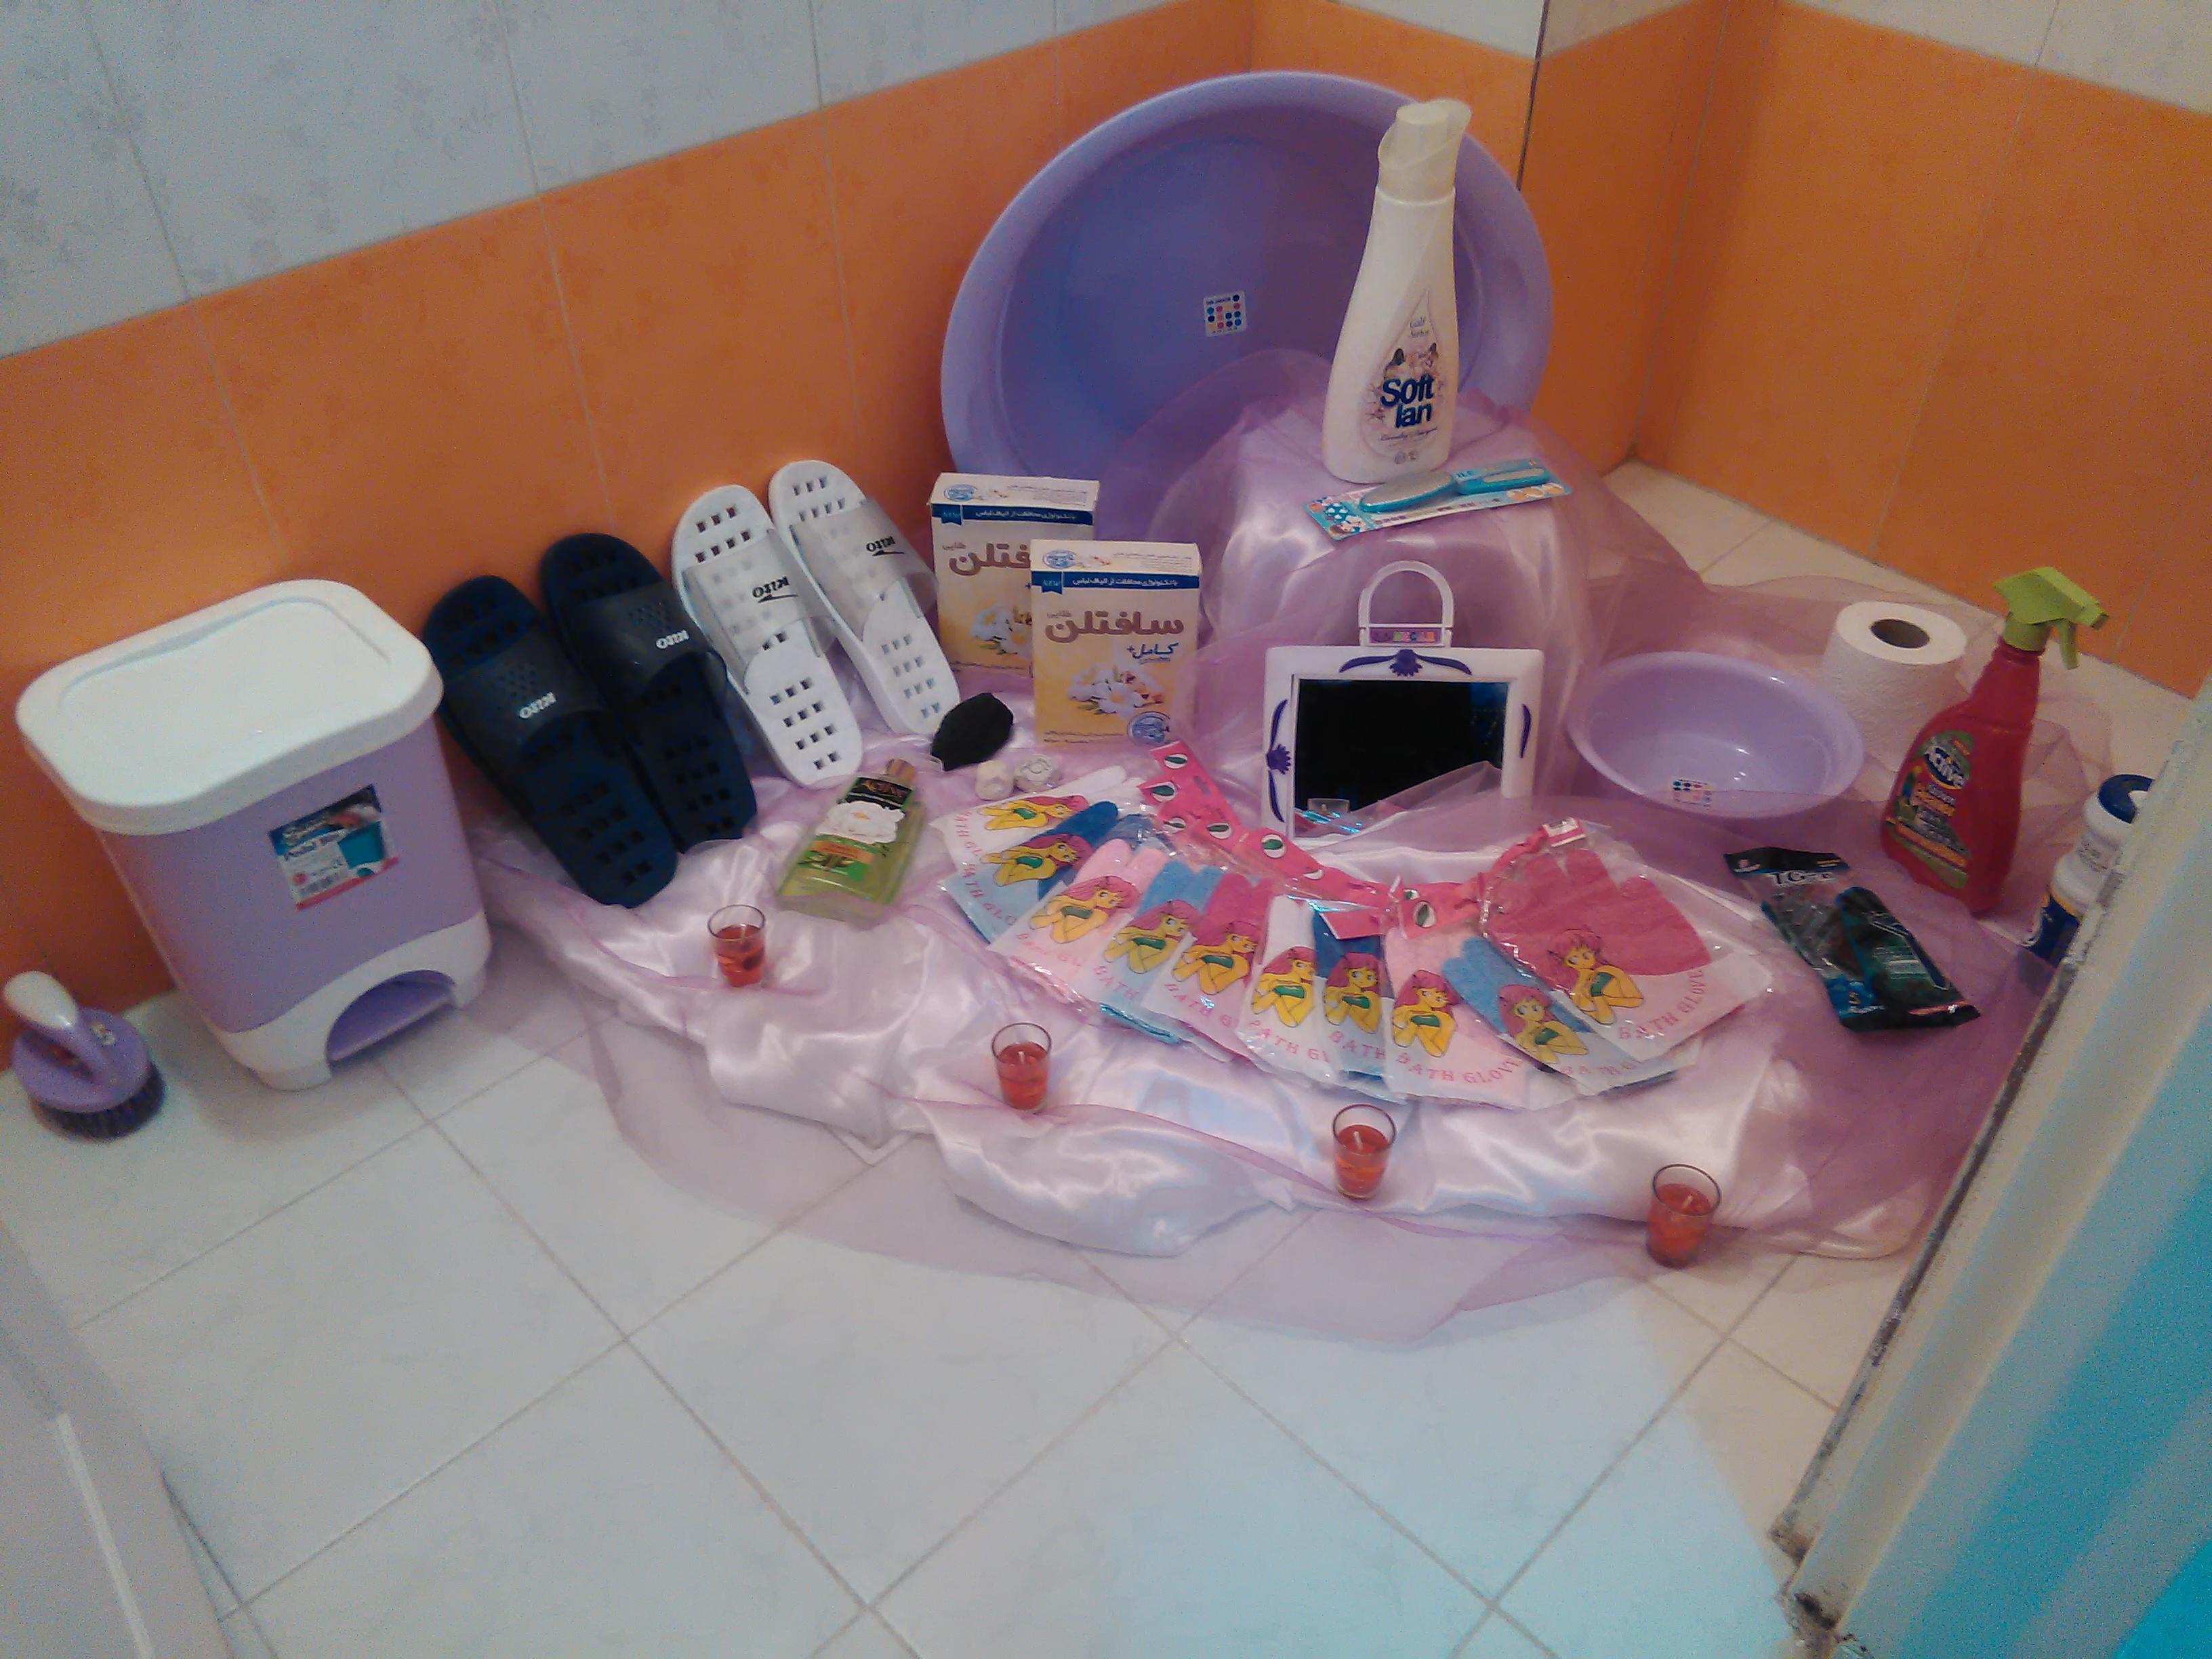 [تصویر: عکس دکوراسیون حمام خونه خودمون]